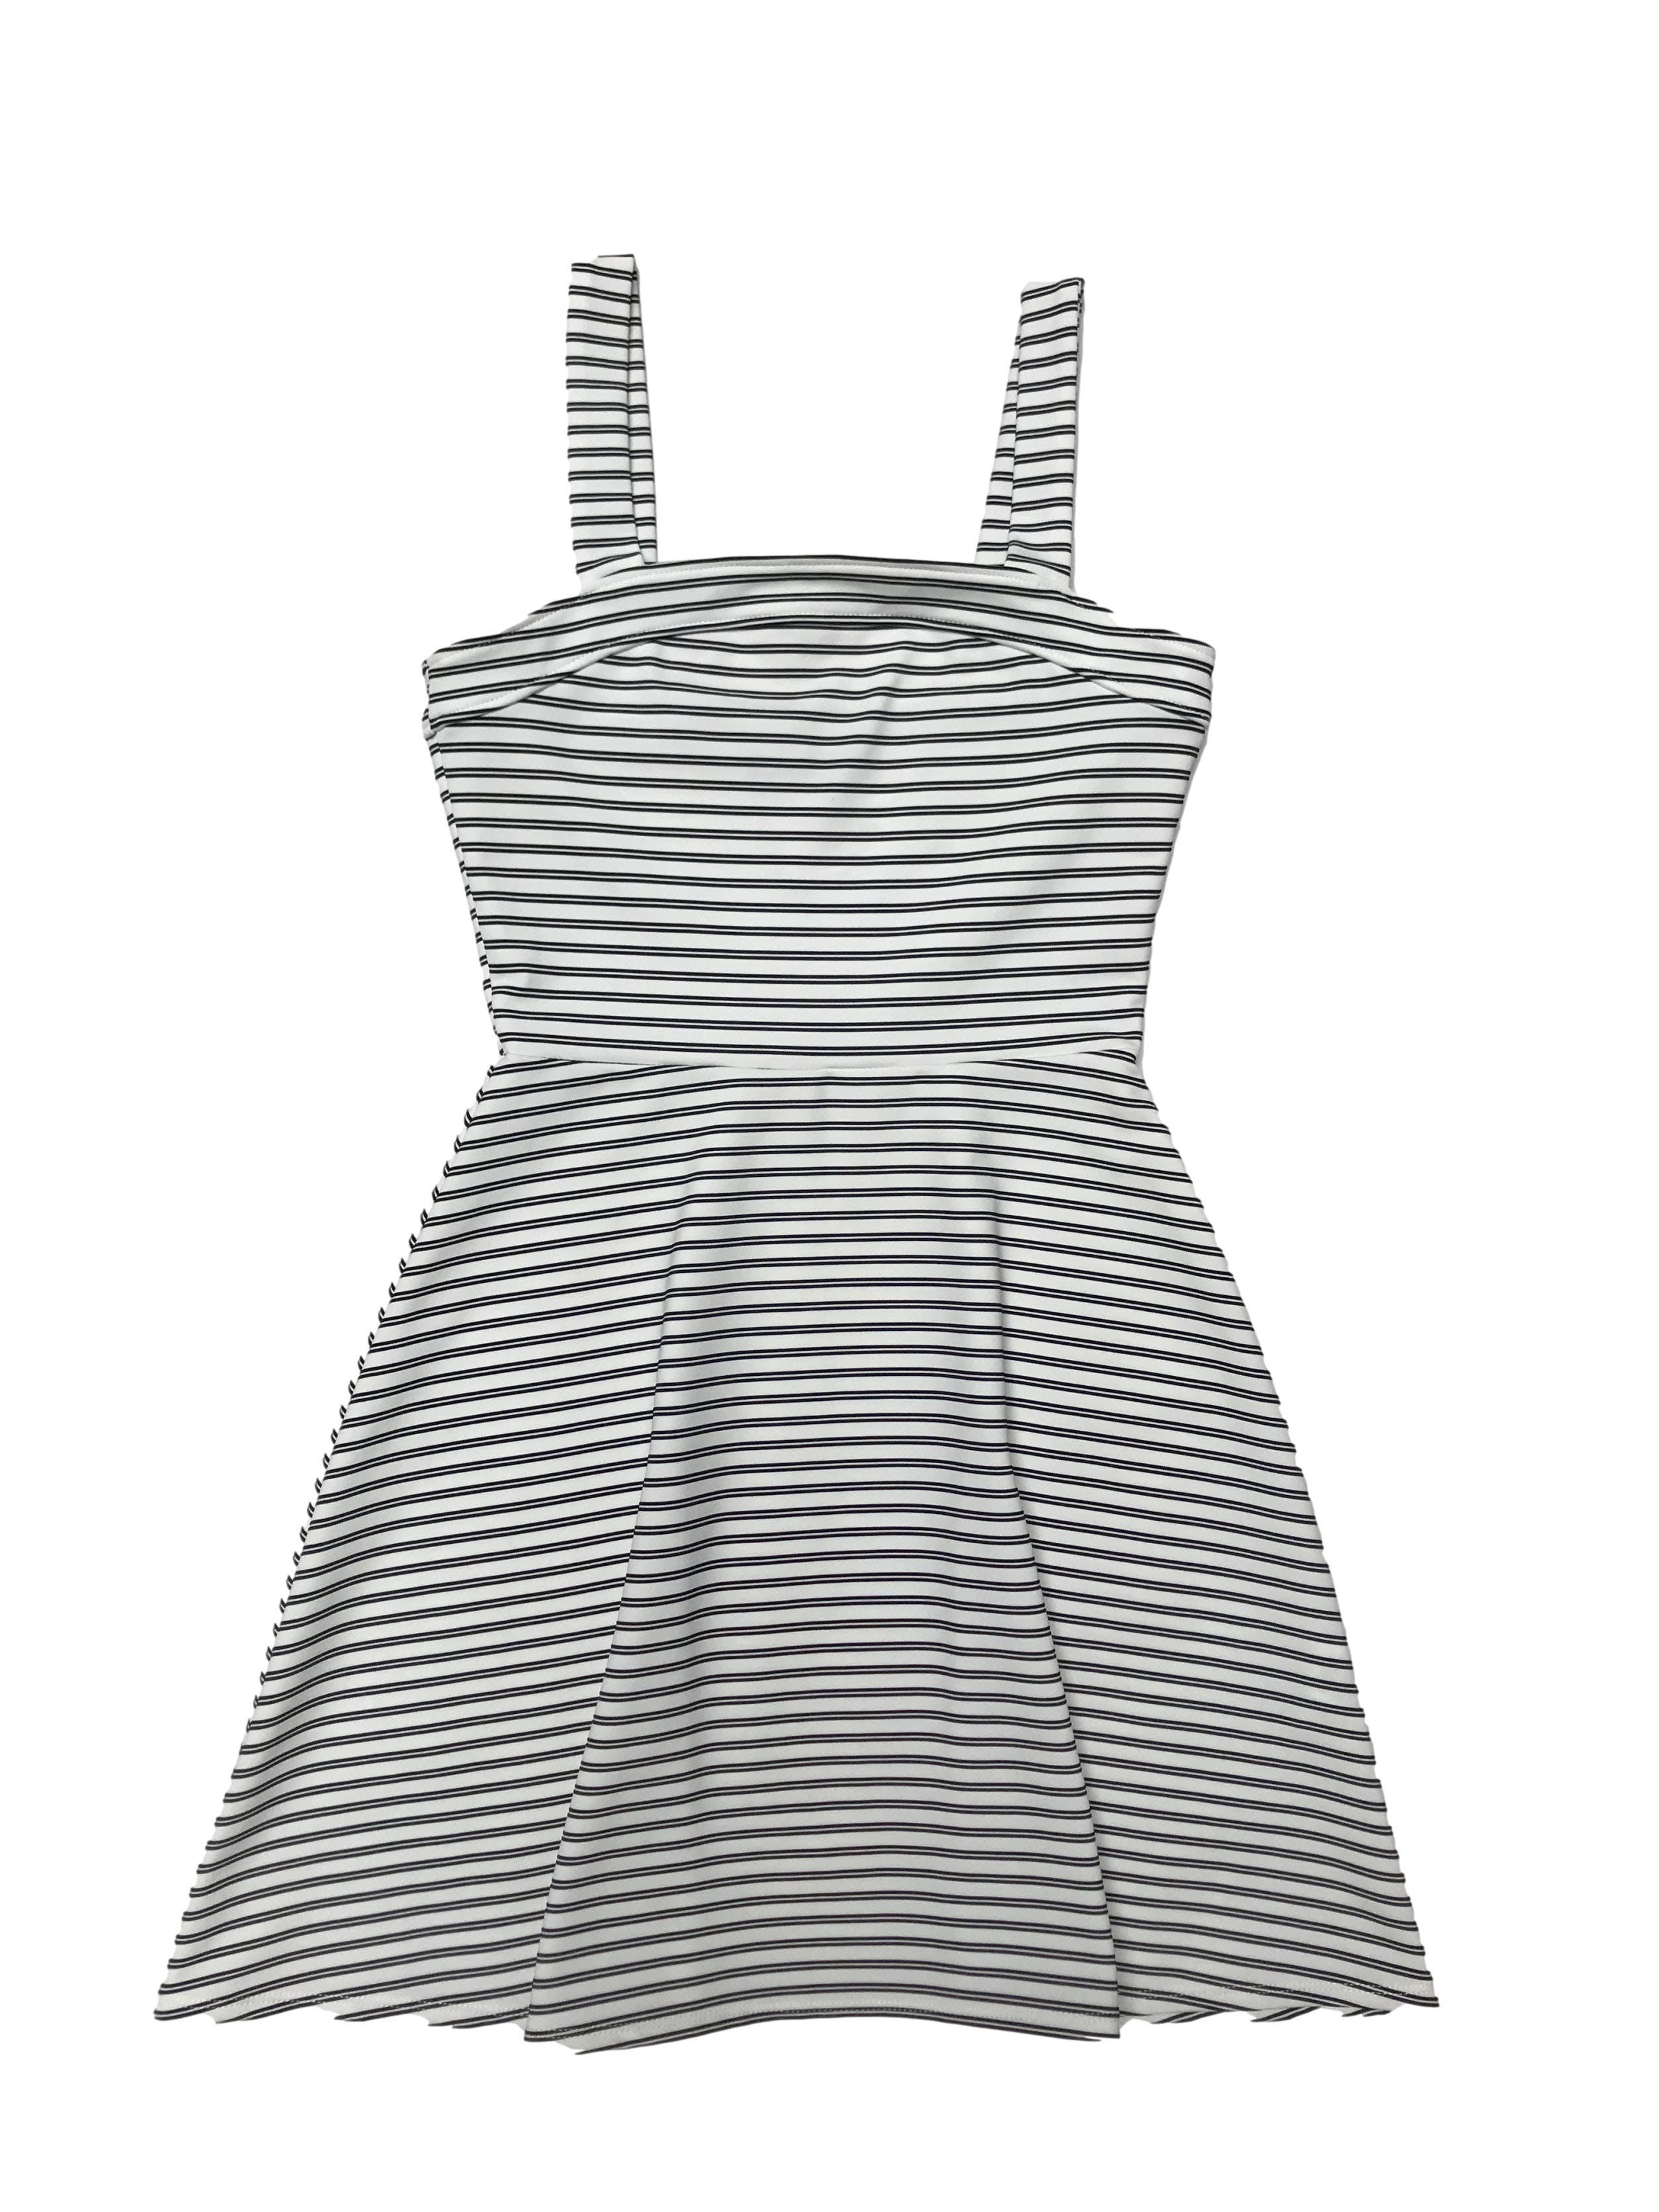 Vestido Hypnotic blanco con lineas negras, corte a la cintura y falda en A